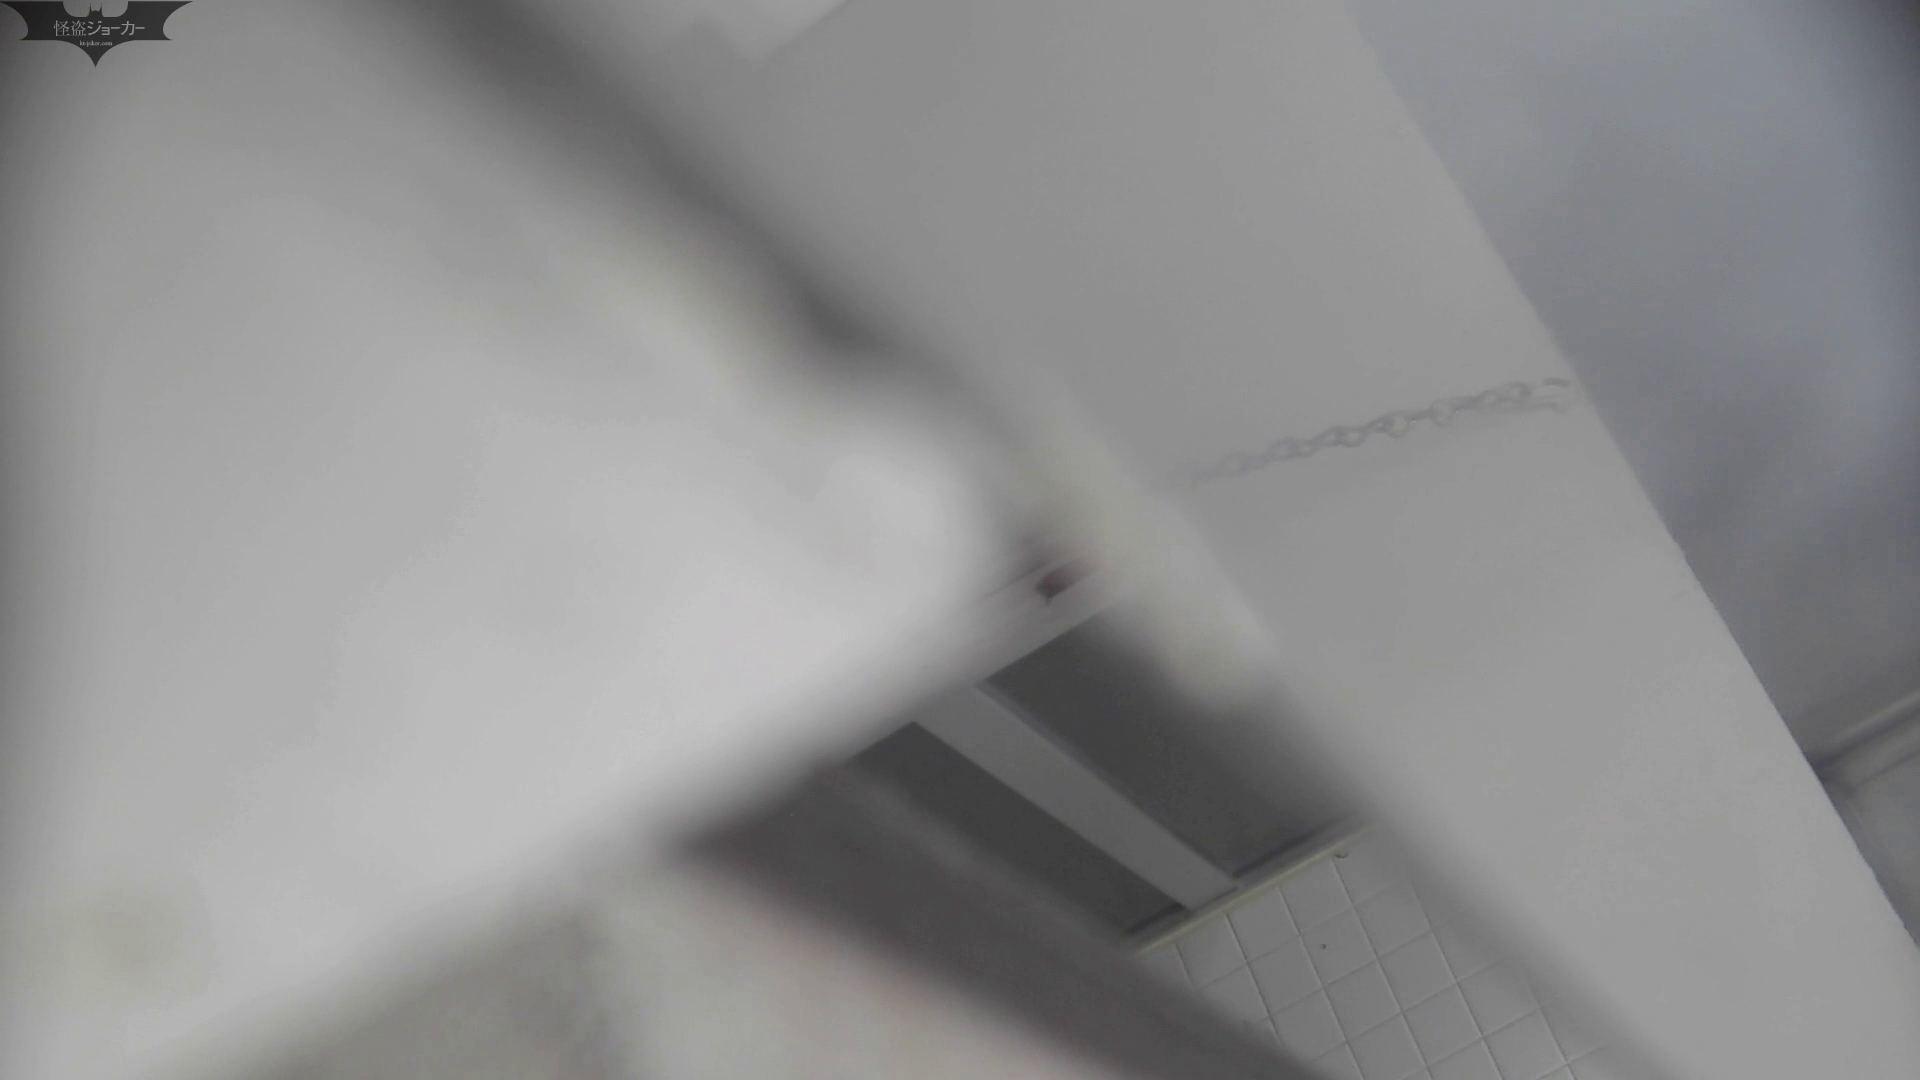 洗面所特攻隊 vol.57過食症に悩む美女 高画質 ワレメ無修正動画無料 82枚 41